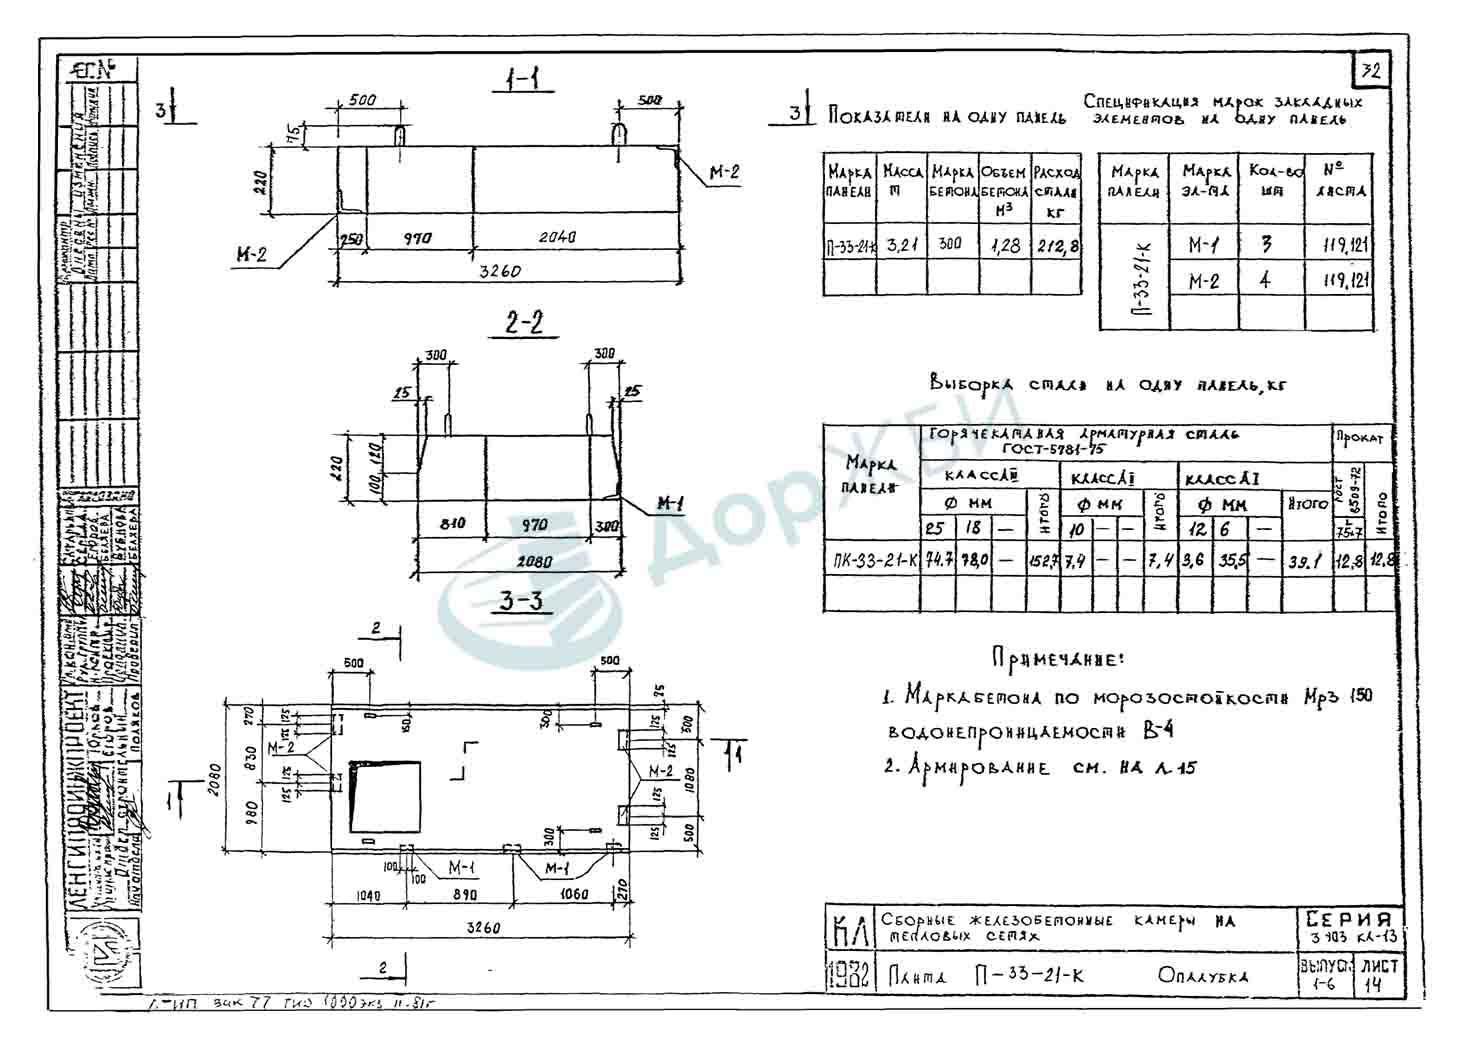 П 33-21-к